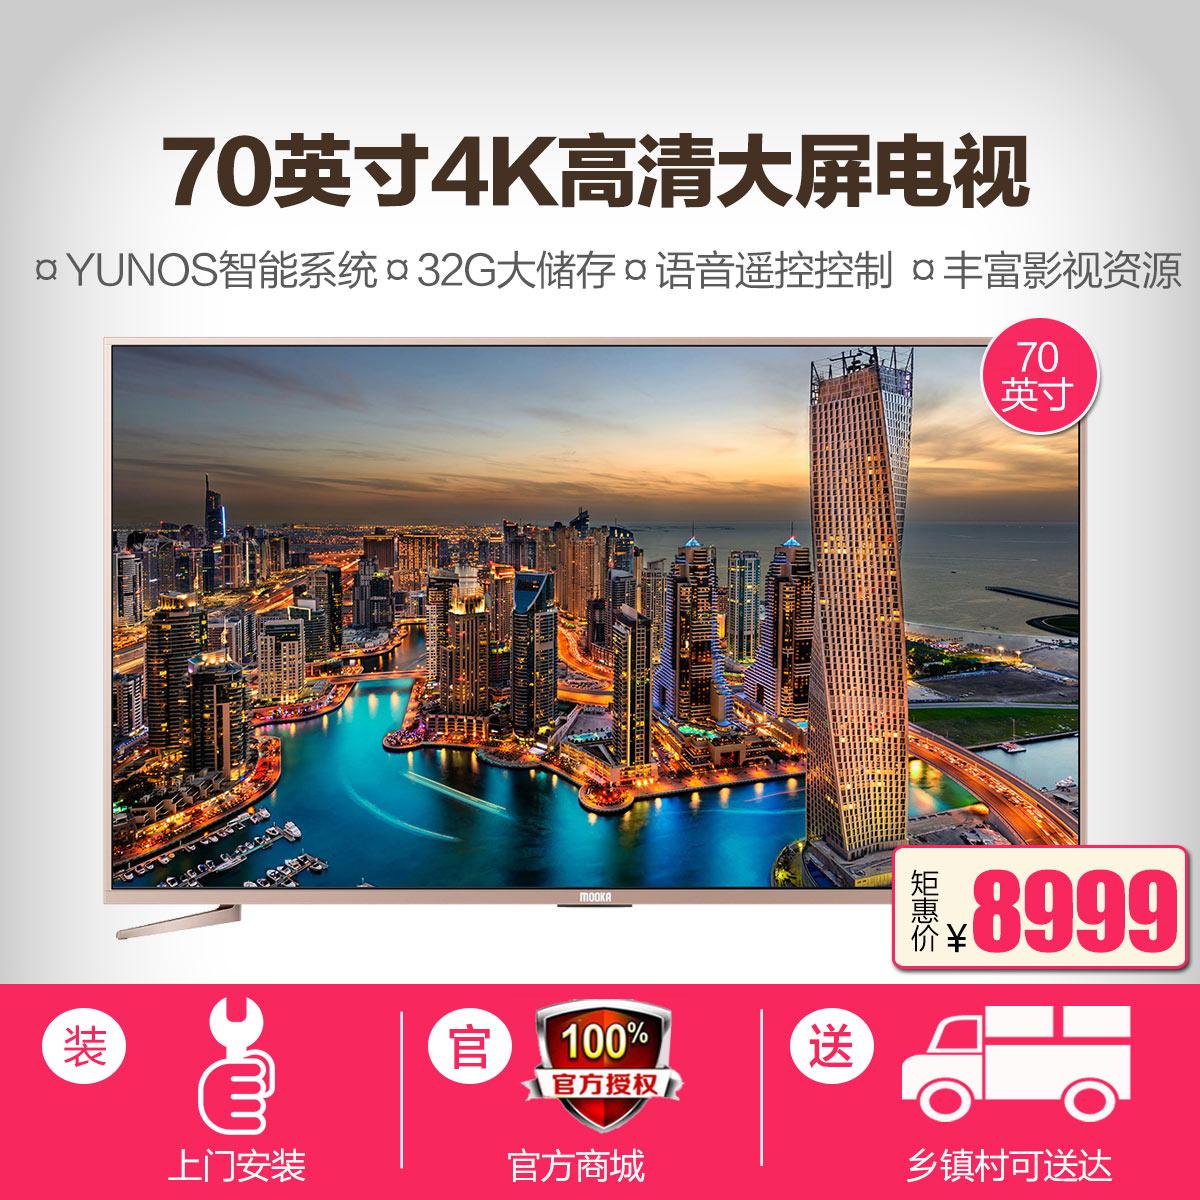 70英寸4K高清大屏电视,YUNOS智能系统,32G大储存,语音遥控控制,丰富影视资源 U70H3